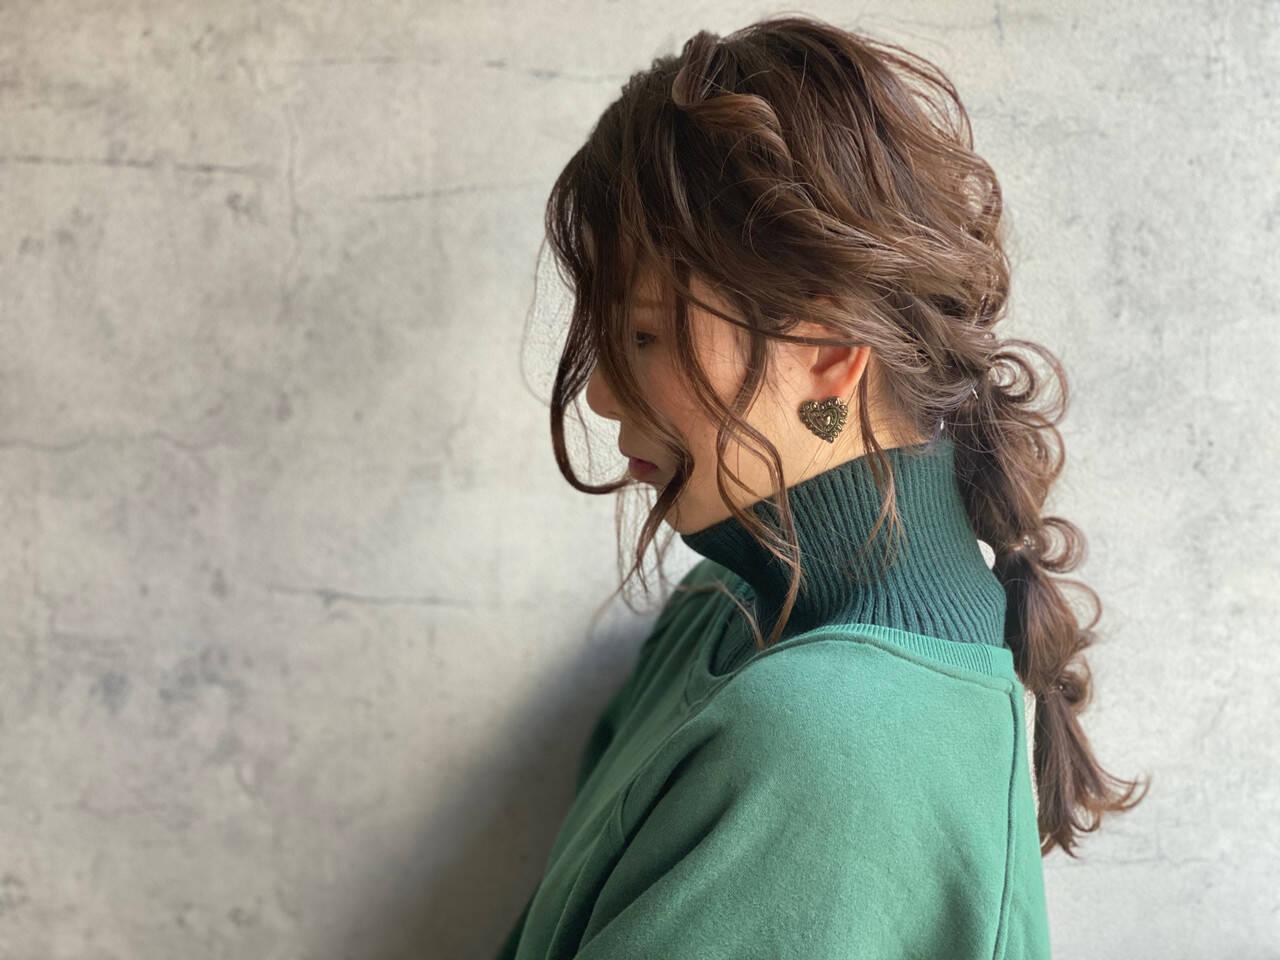 ふわふわヘアアレンジ 結婚式ヘアアレンジ ガーリー ヘアメイクヘアスタイルや髪型の写真・画像